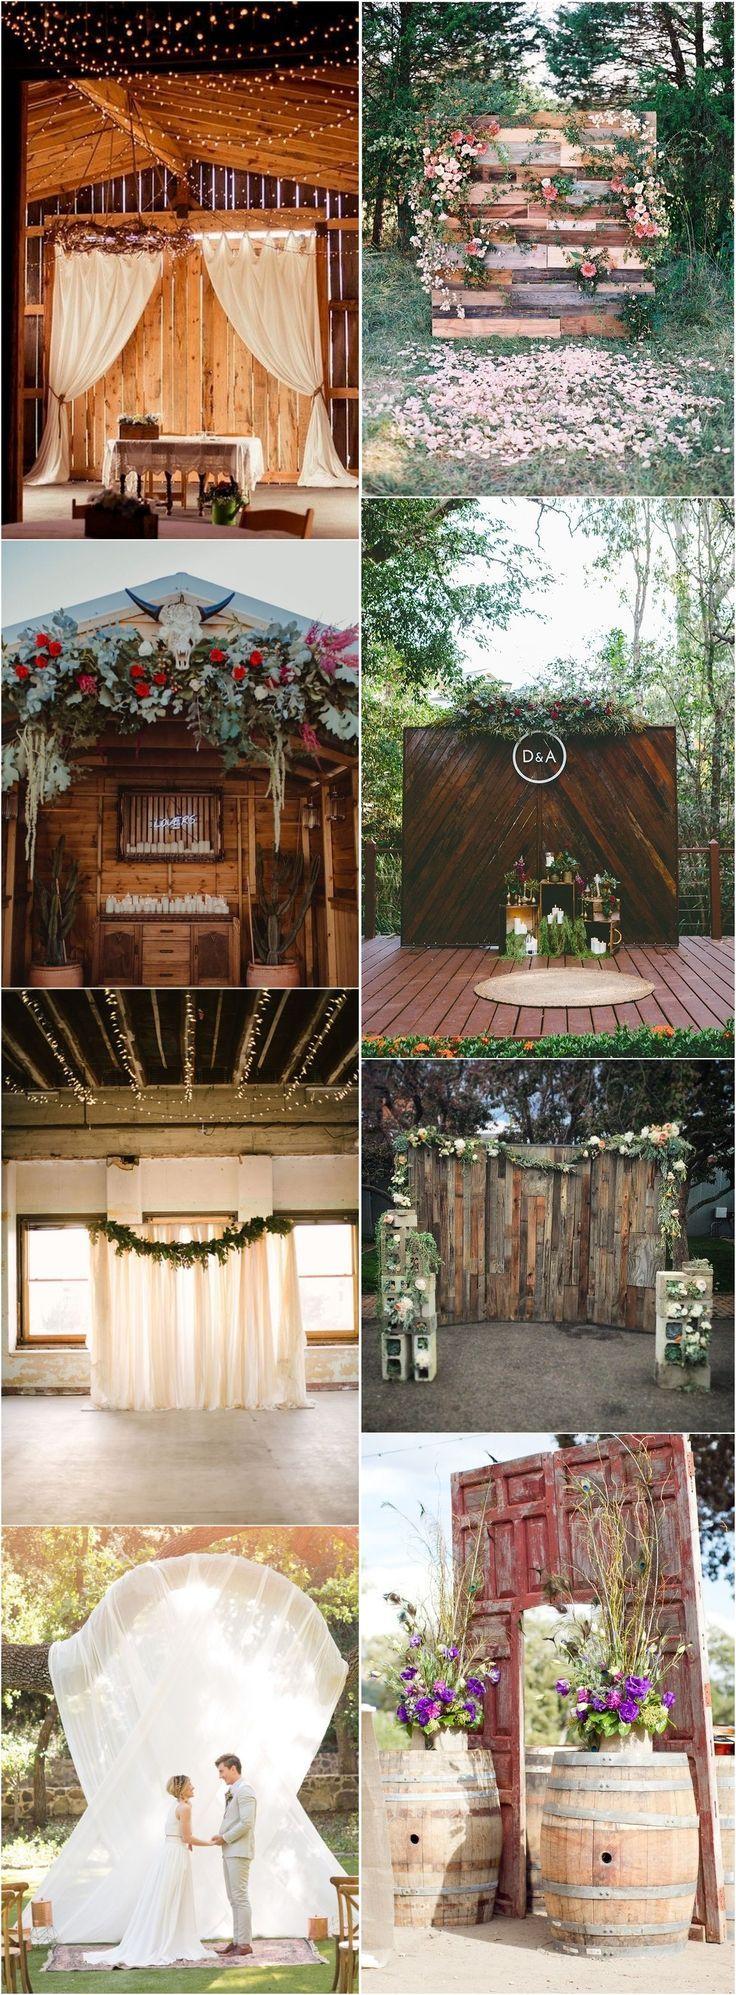 20 Best of Wedding Backdrop Ideas from